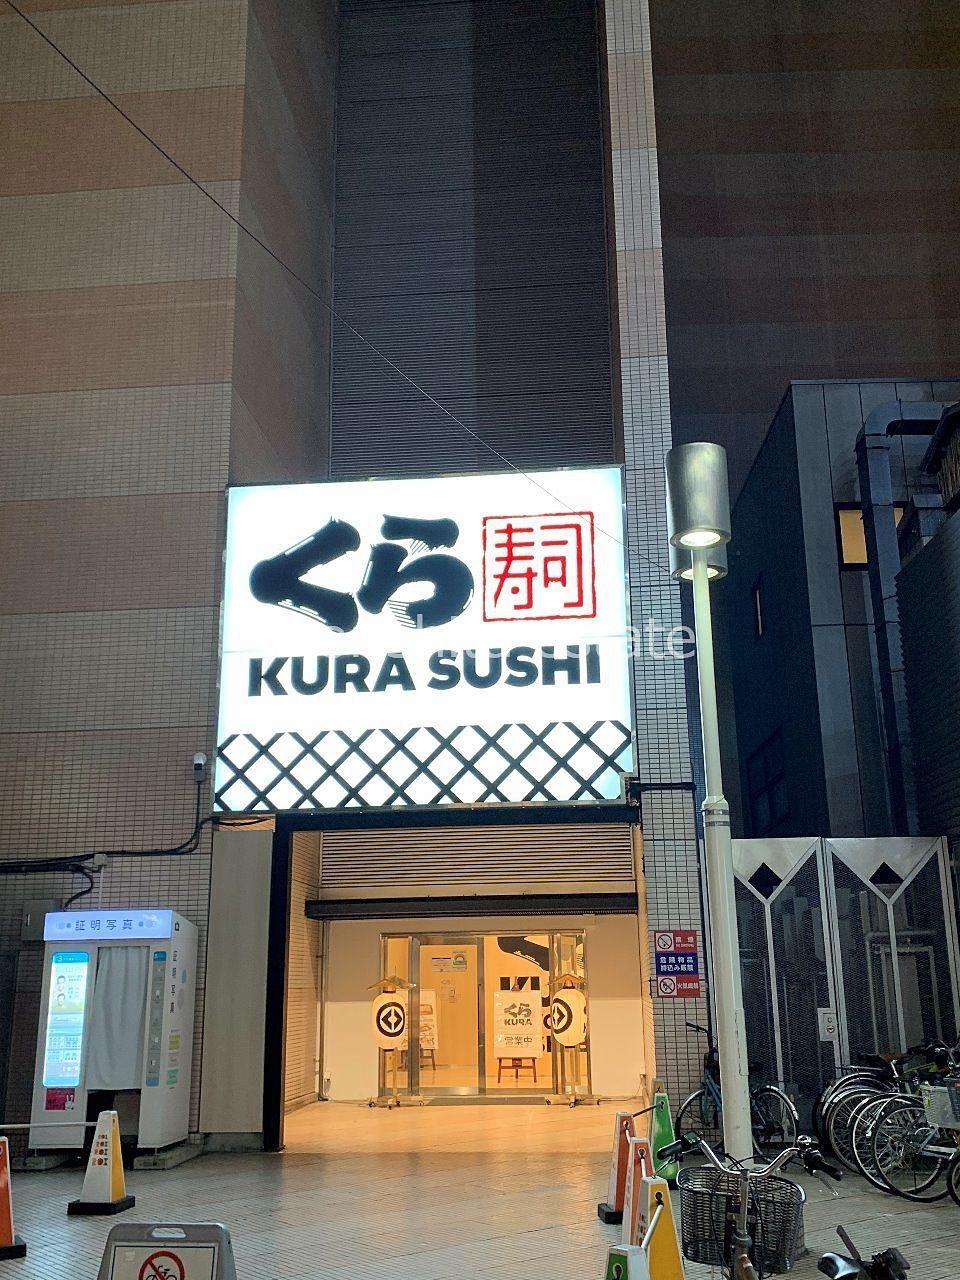 浅草 演芸ホール 落語 新規開店 くら寿司 写真